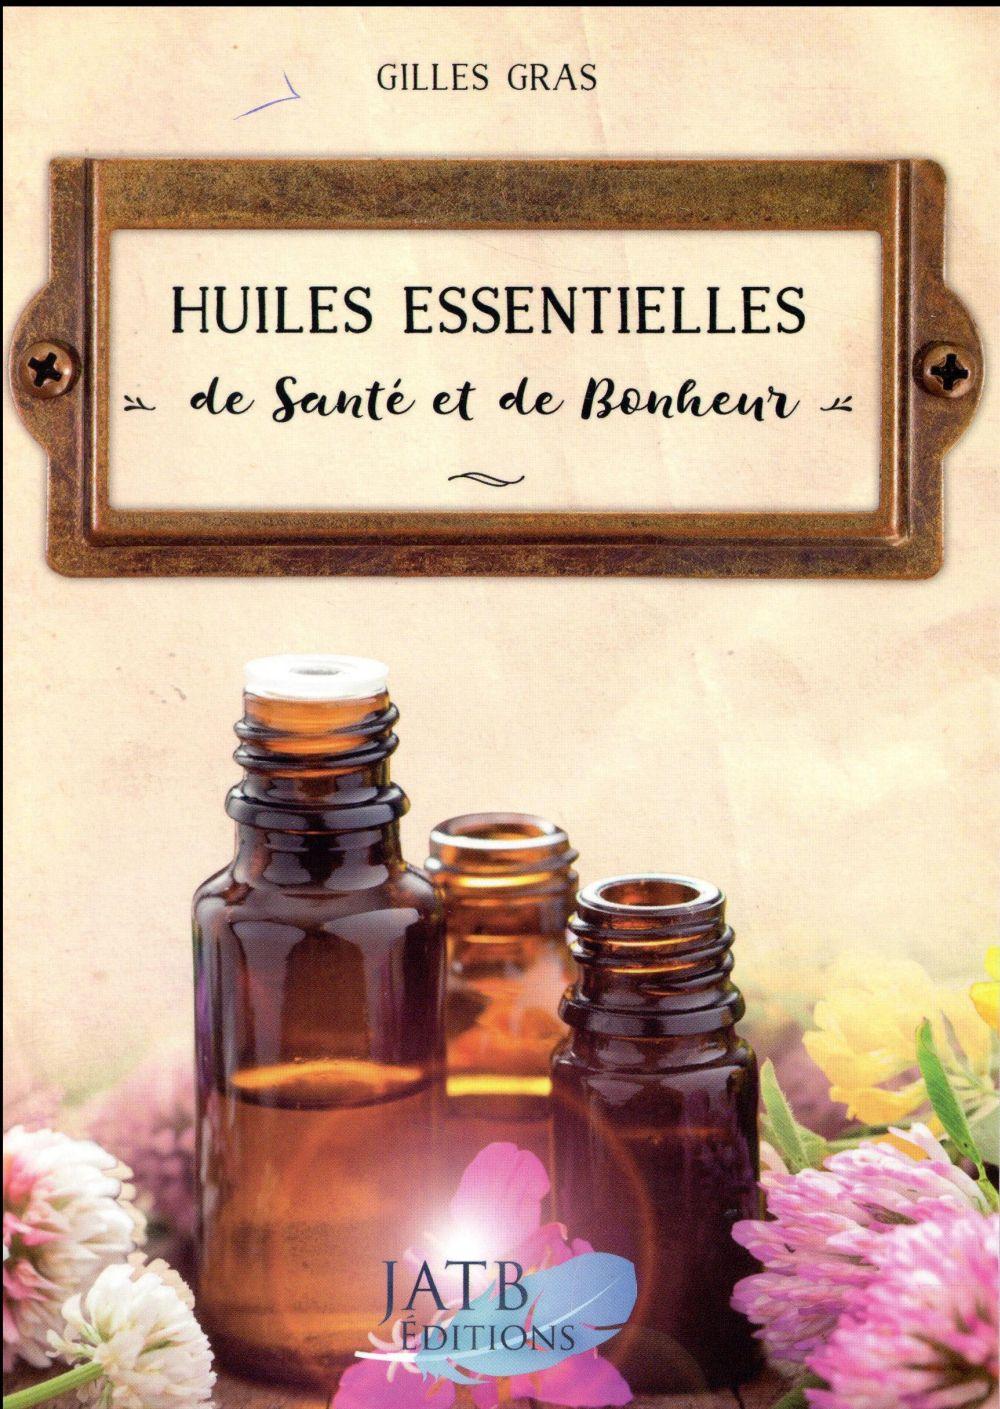 HUILES ESSENTIELLES DE SANTE ET DE BONHEUR